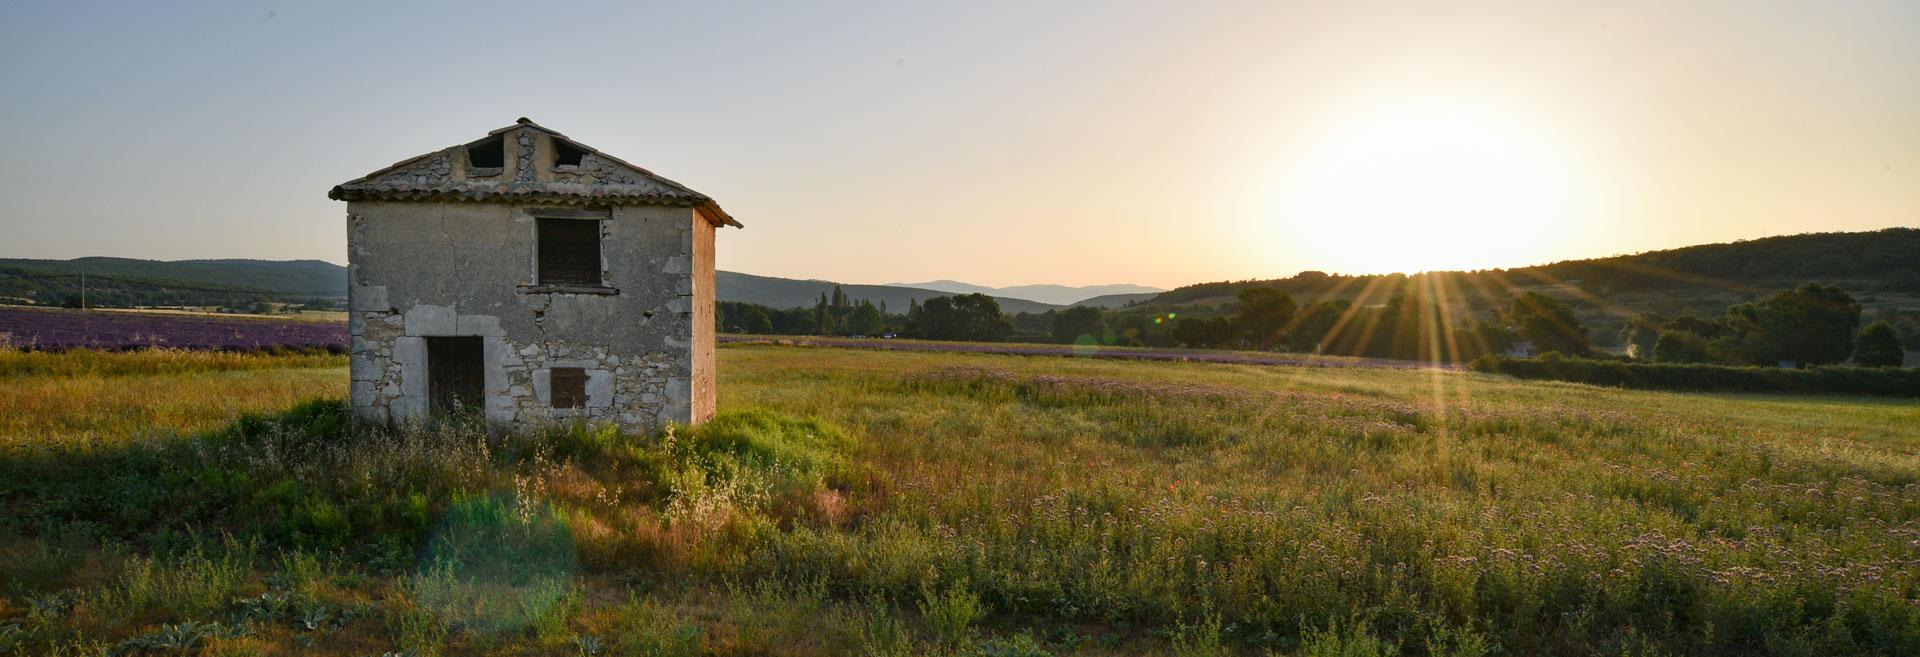 Domaine-Cassan-lever-soleil-m